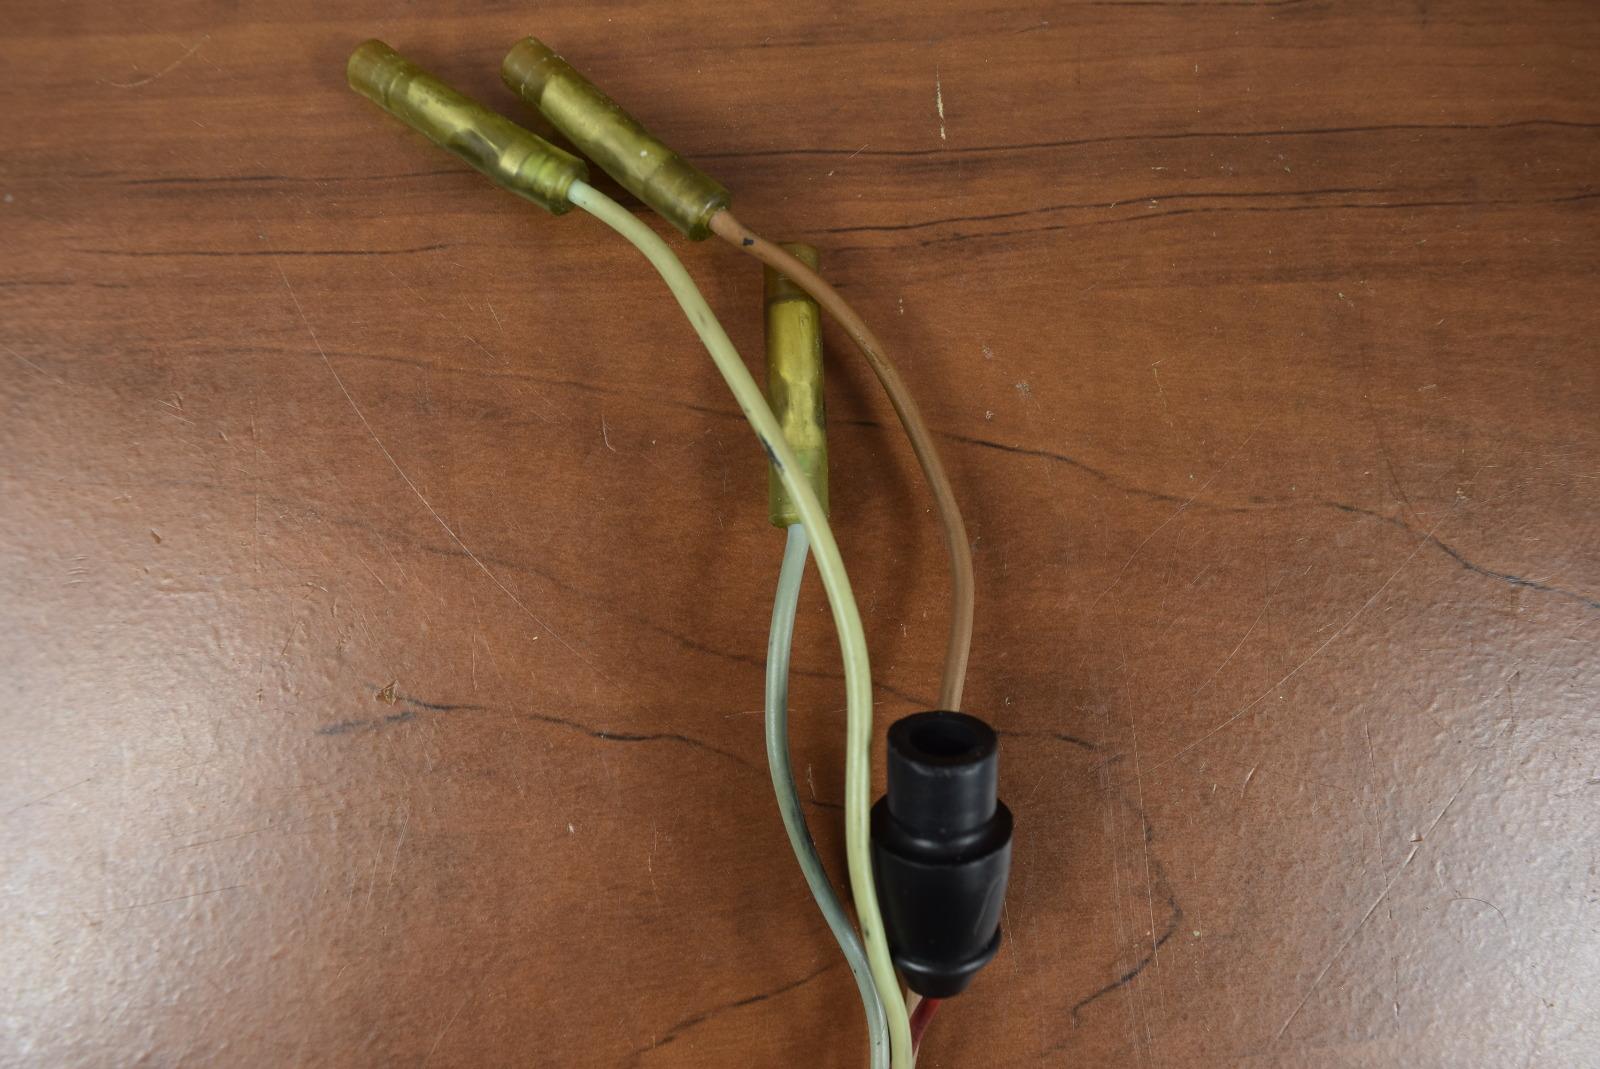 25148 mwh yamaha wire harness assembly 6e9 82590 20 00 1992 1997 40 hp 2 yamaha mariner internal wire wiring harness assy 6e9 82590 20 00 yamaha wire harness at honlapkeszites.co